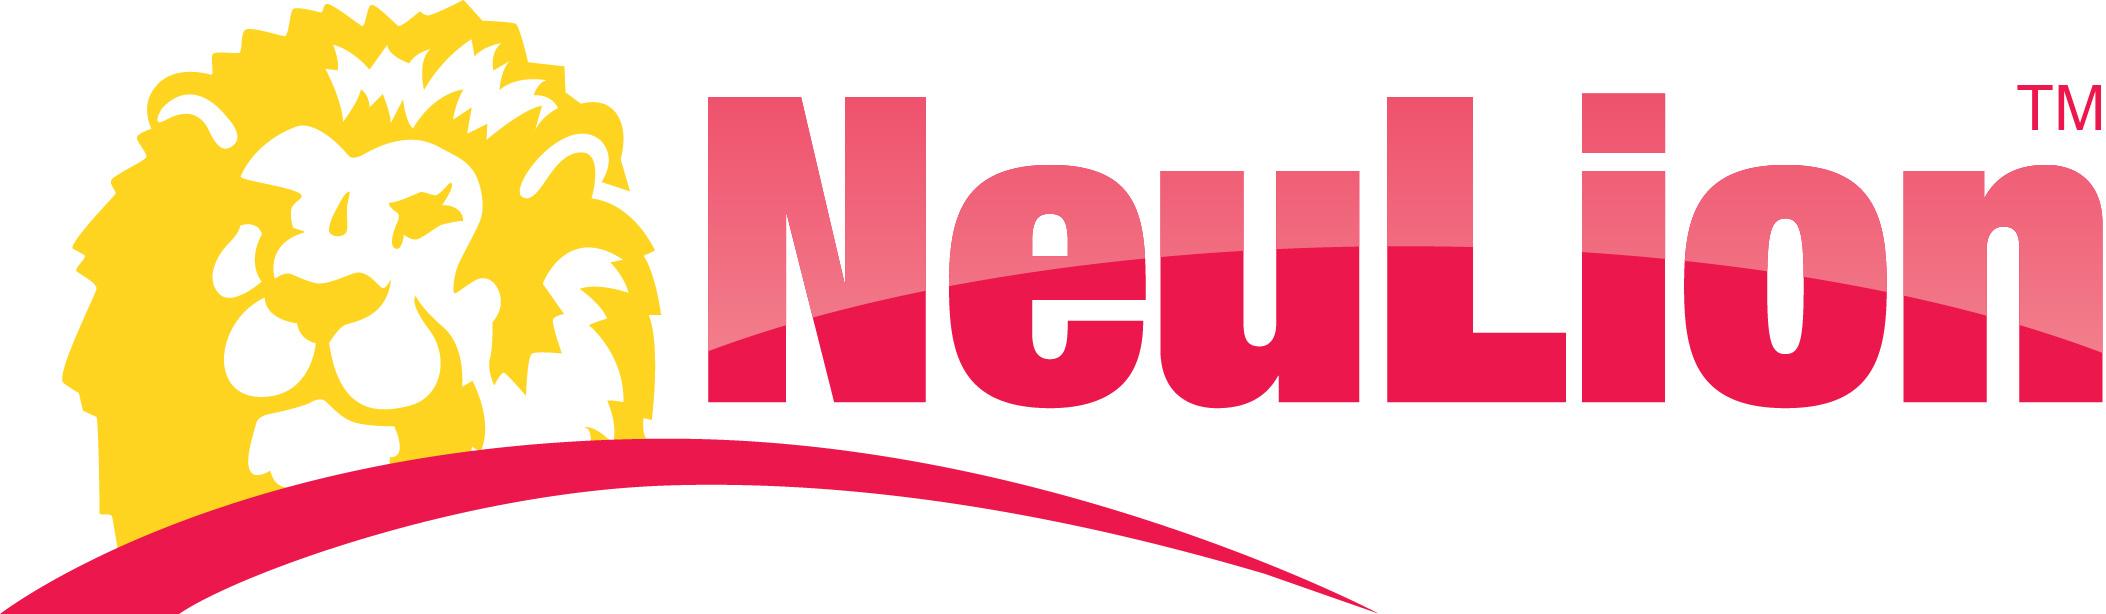 NeuLion, Inc. (NLN.TO) logo